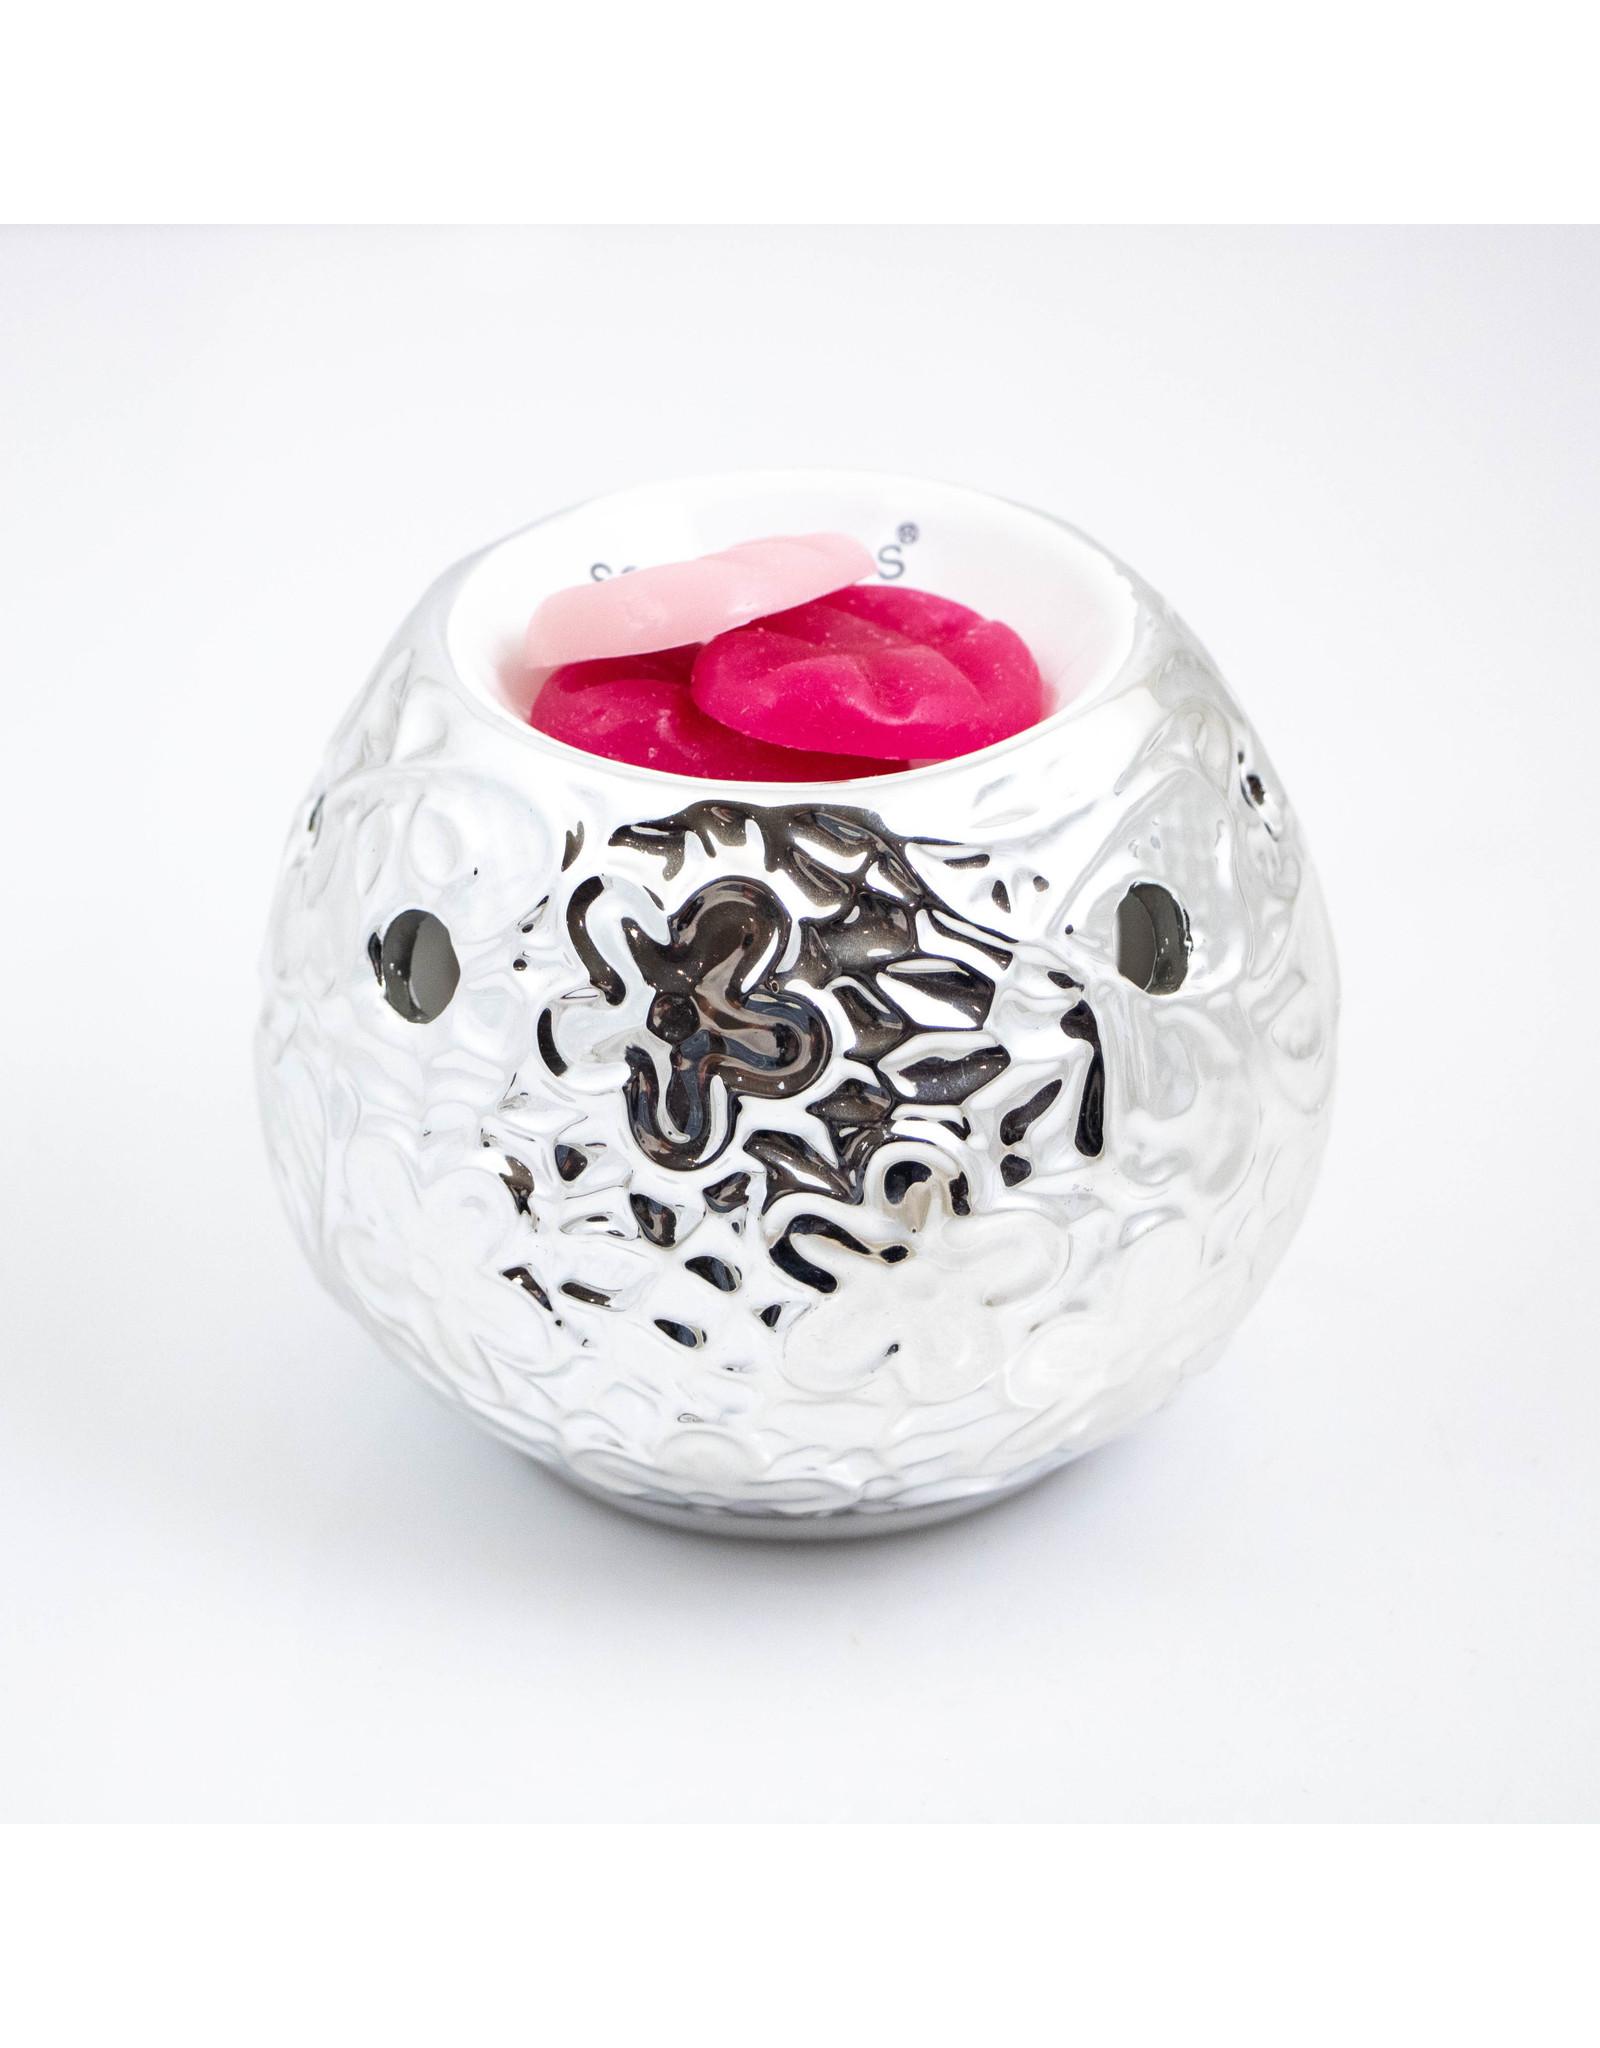 ScentBurner Bowl Silver